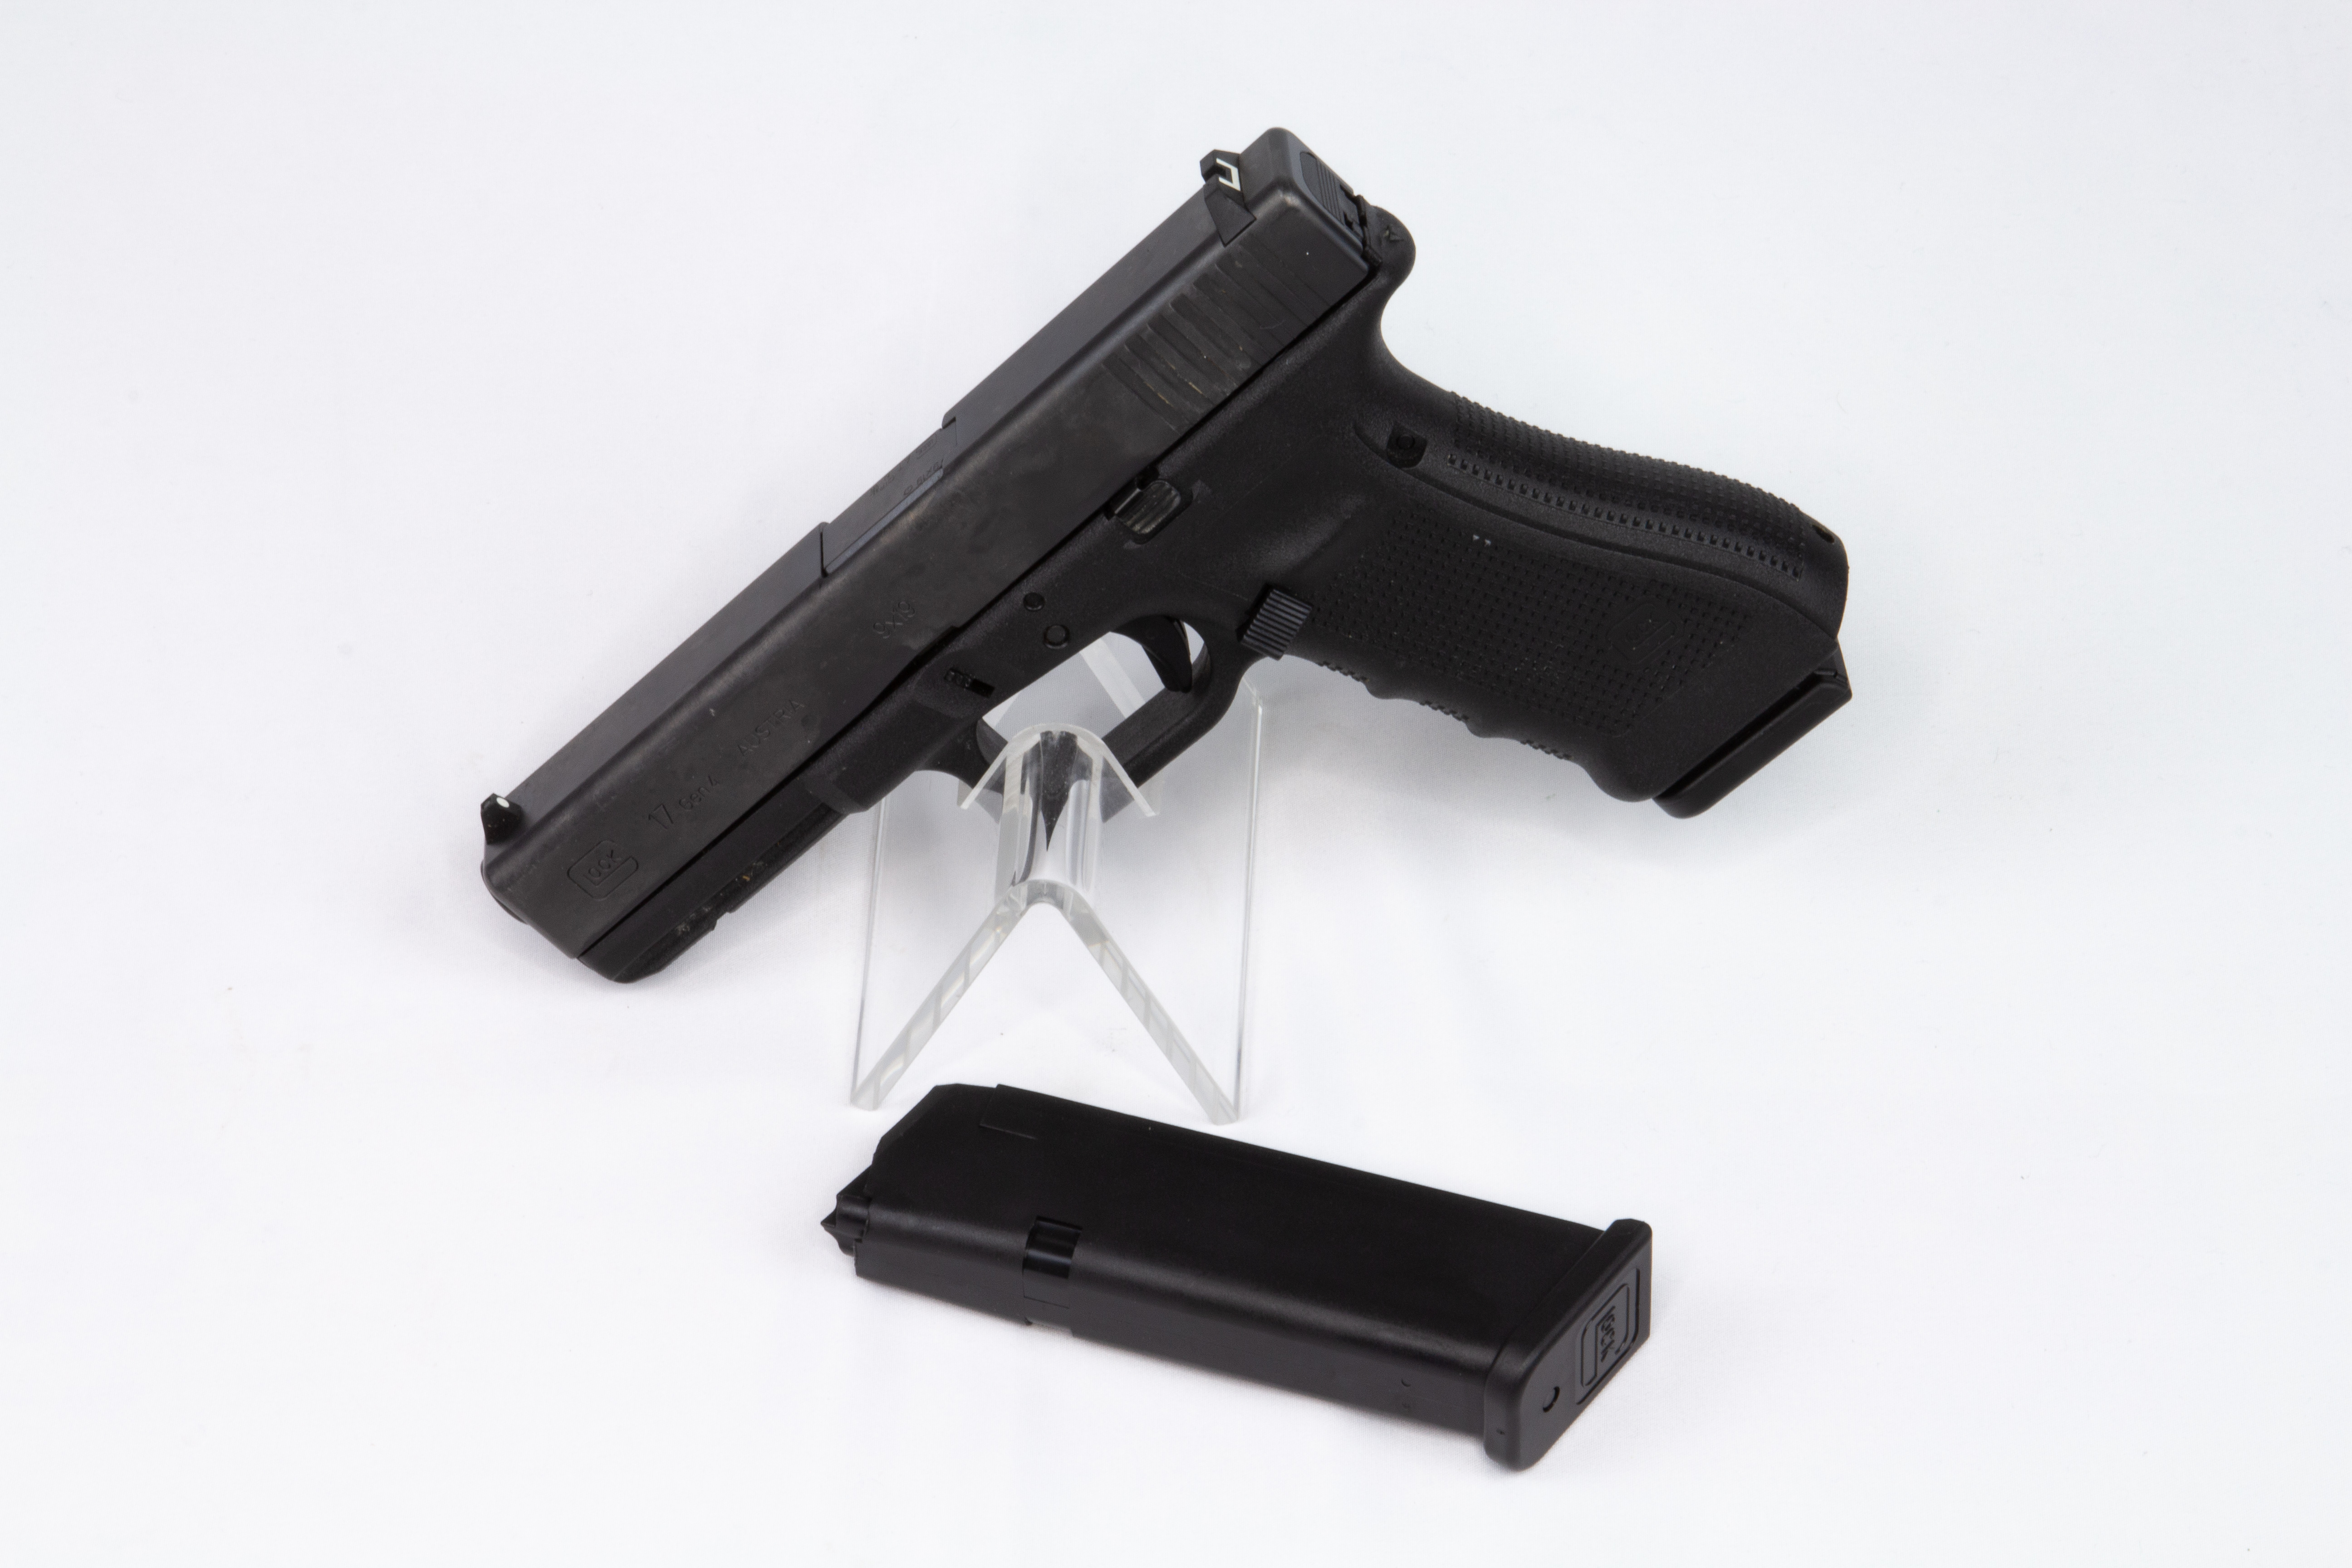 gebr. GLOCK Pistole, Mod. 17 Gen. 4